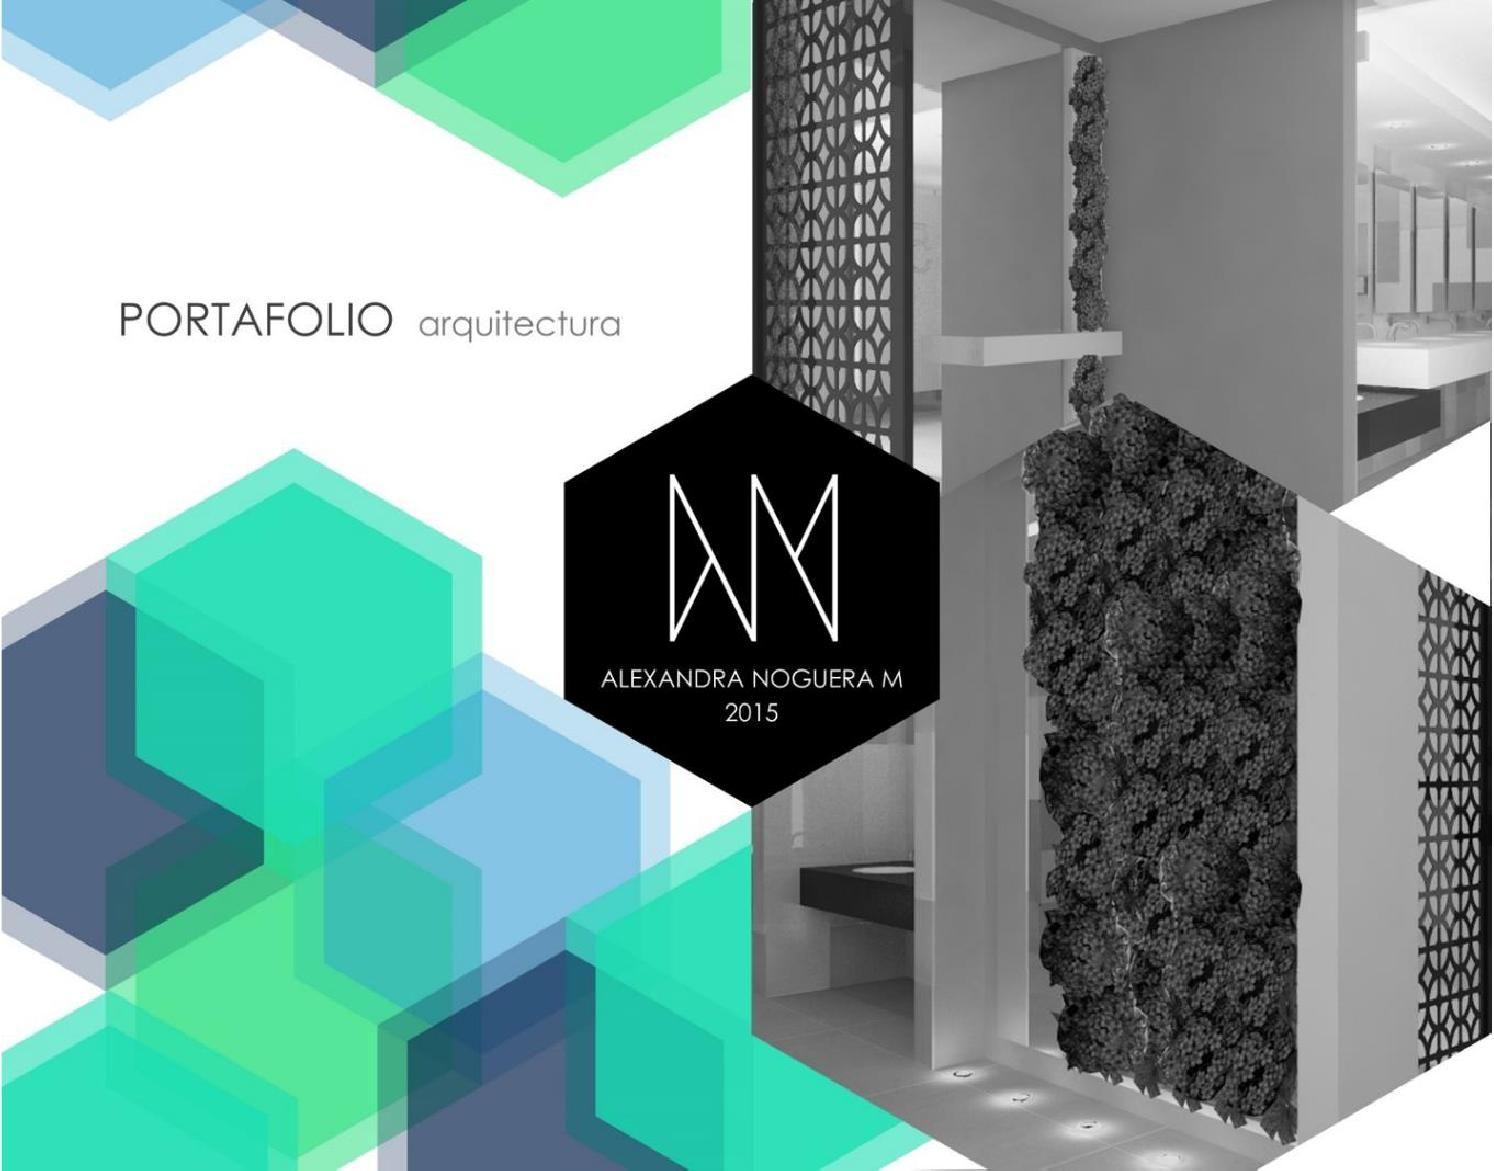 Portafolio arquitectura alexandra noguera portafolios for Arquitectura de interiores pdf